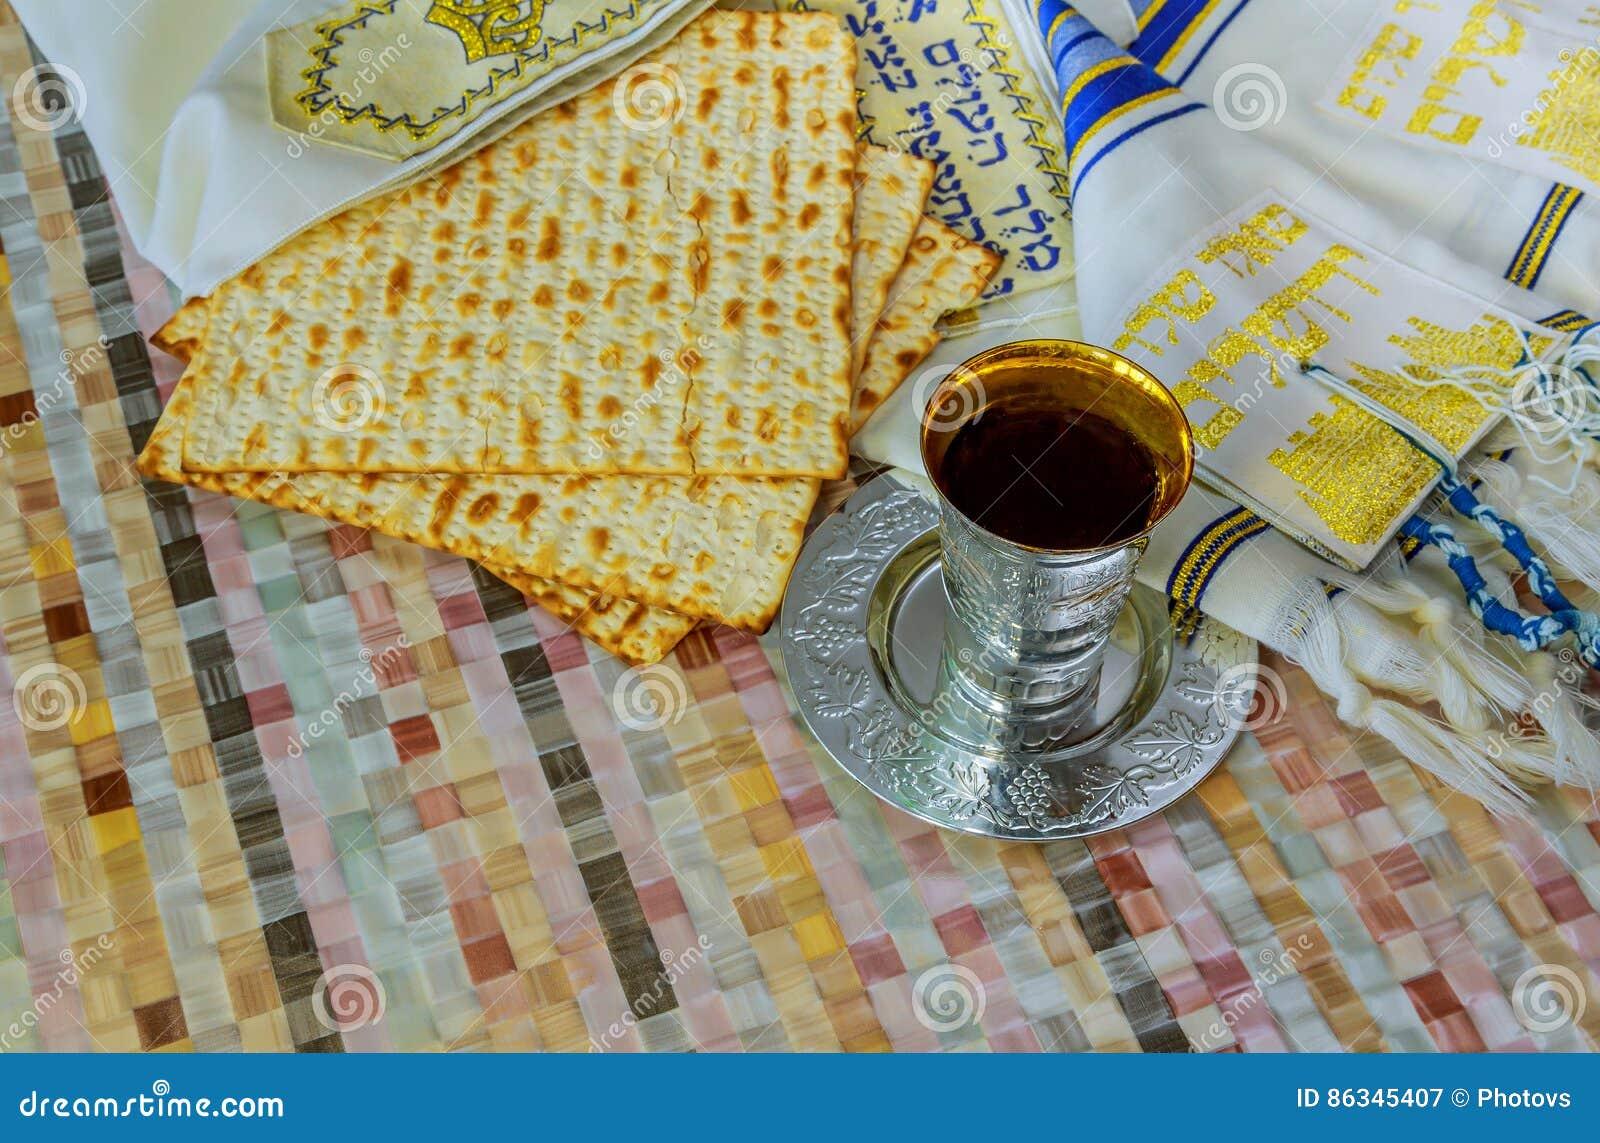 Pan ácimo de la pascua judía tradicional judía y una taza del vino con el texto de la bendición tradicional del vino